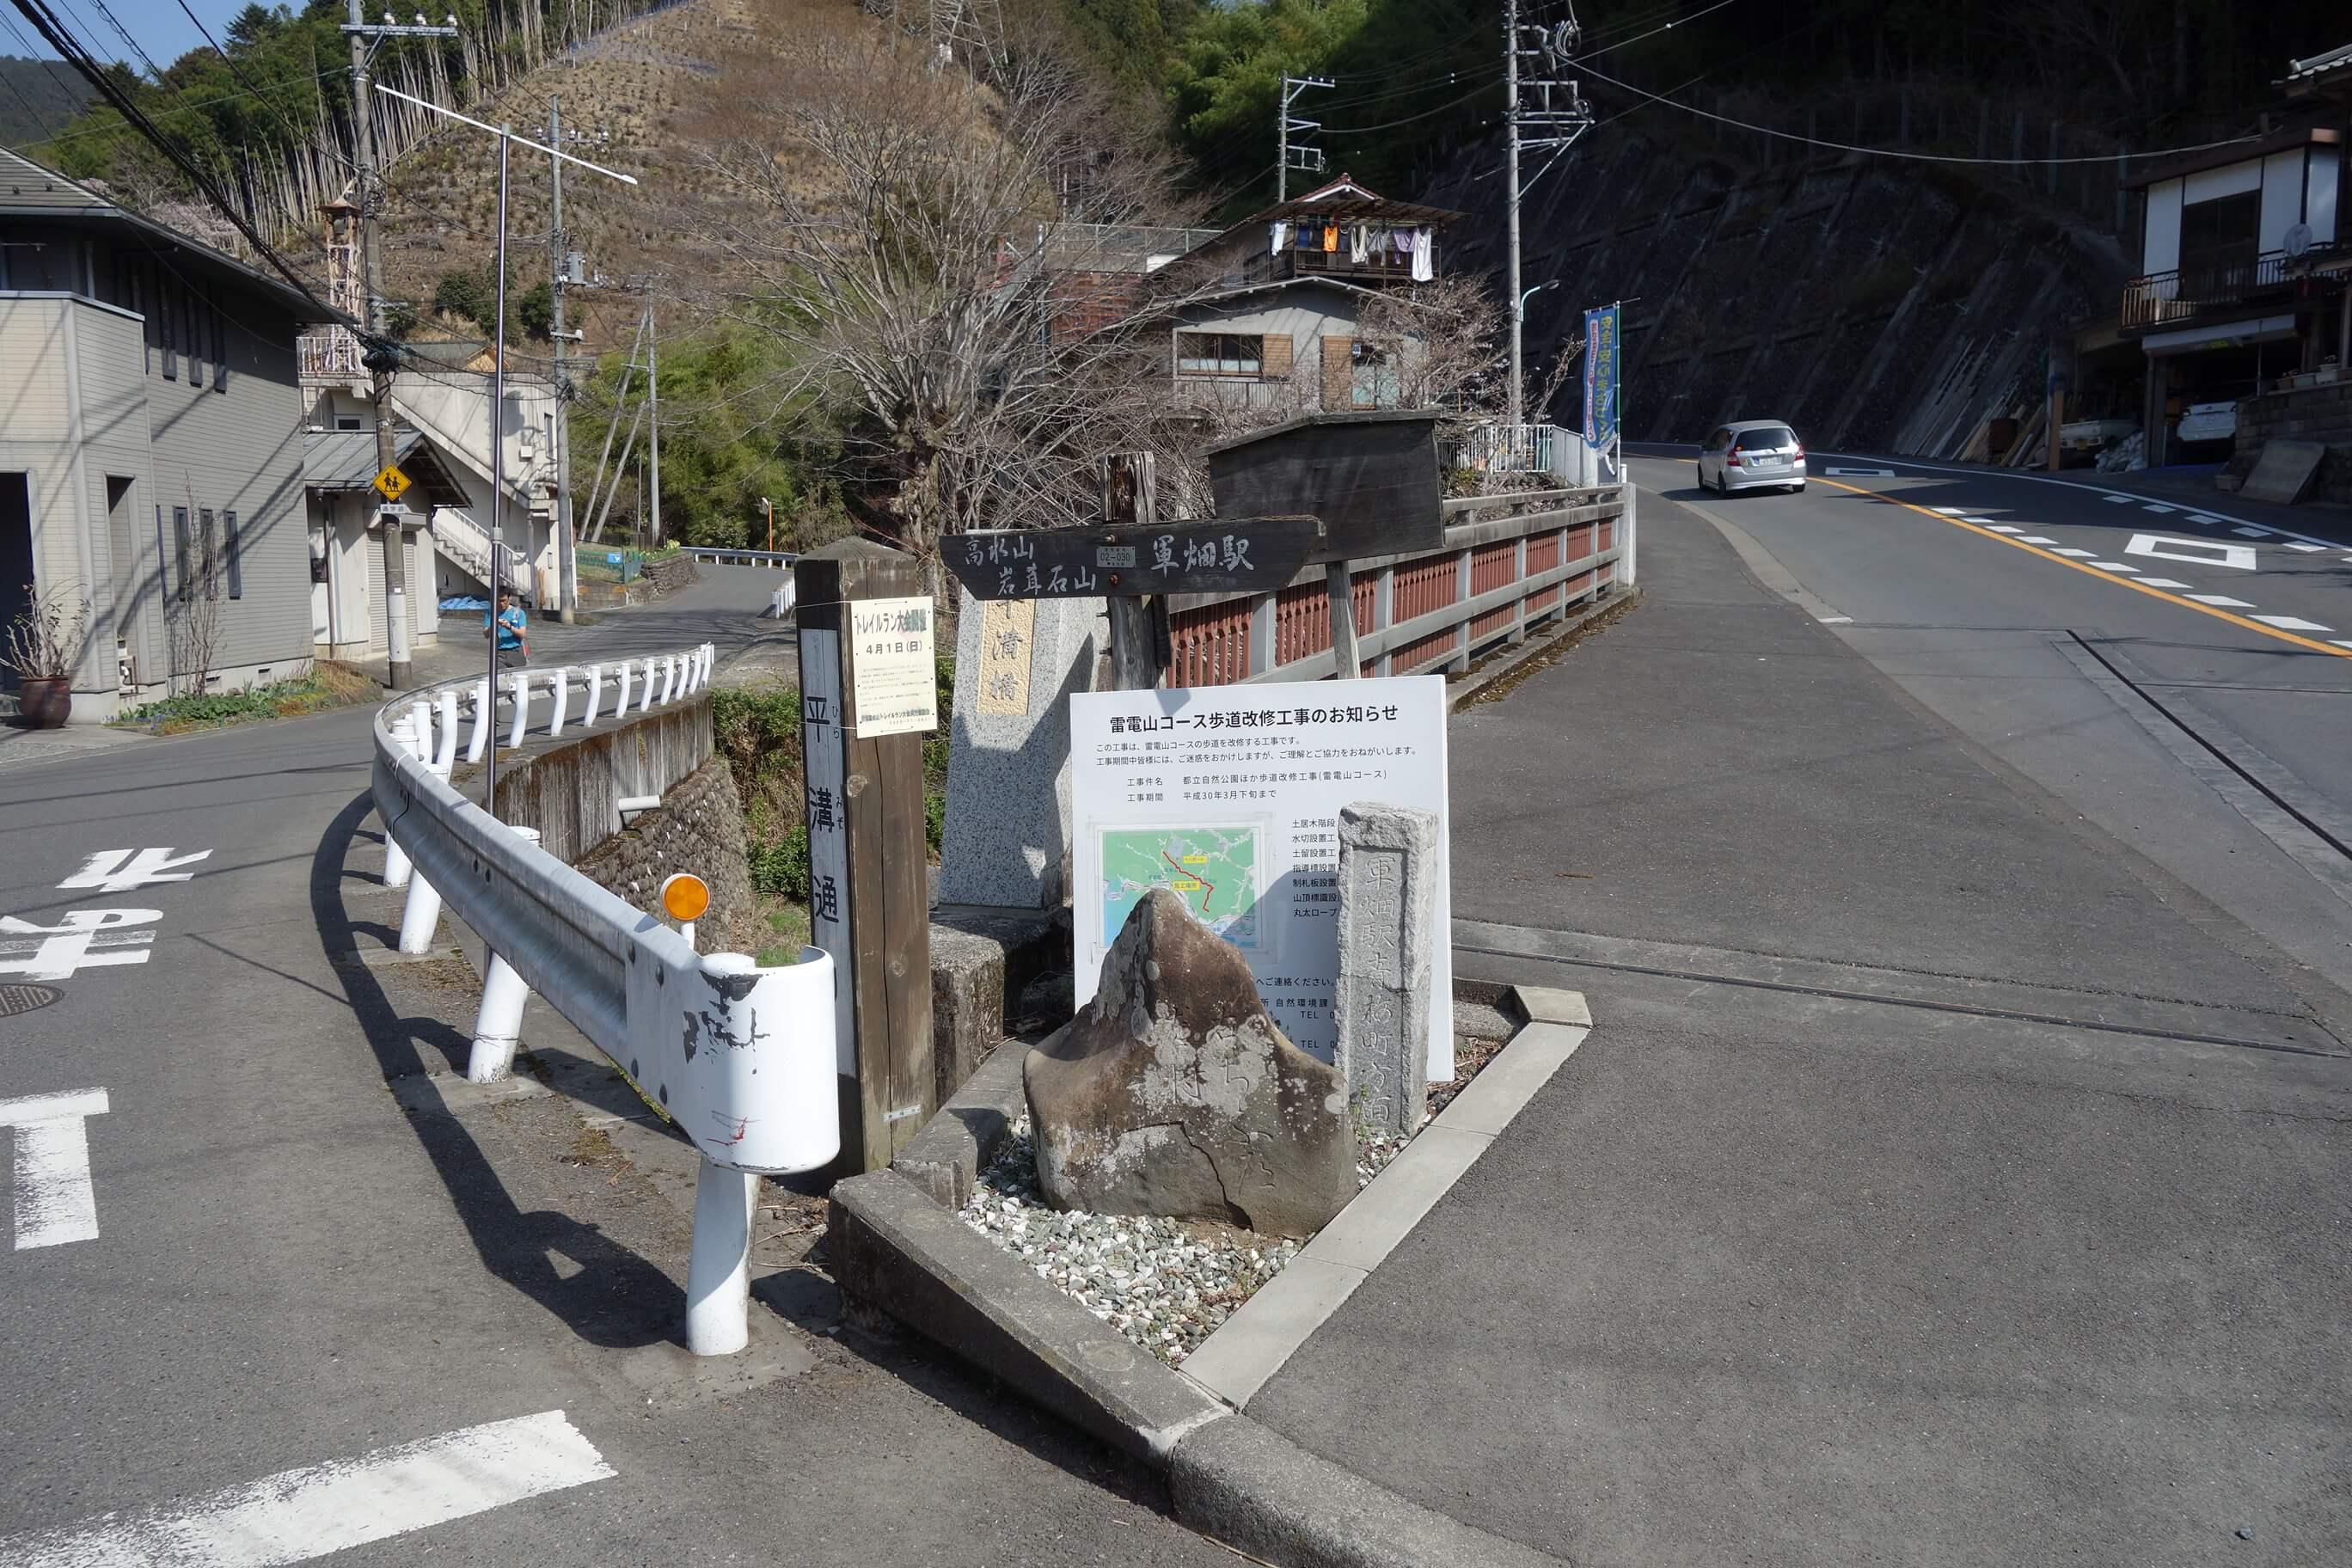 10分ほど行ったところに平溝橋にぶつかるので、ここを左に行きます